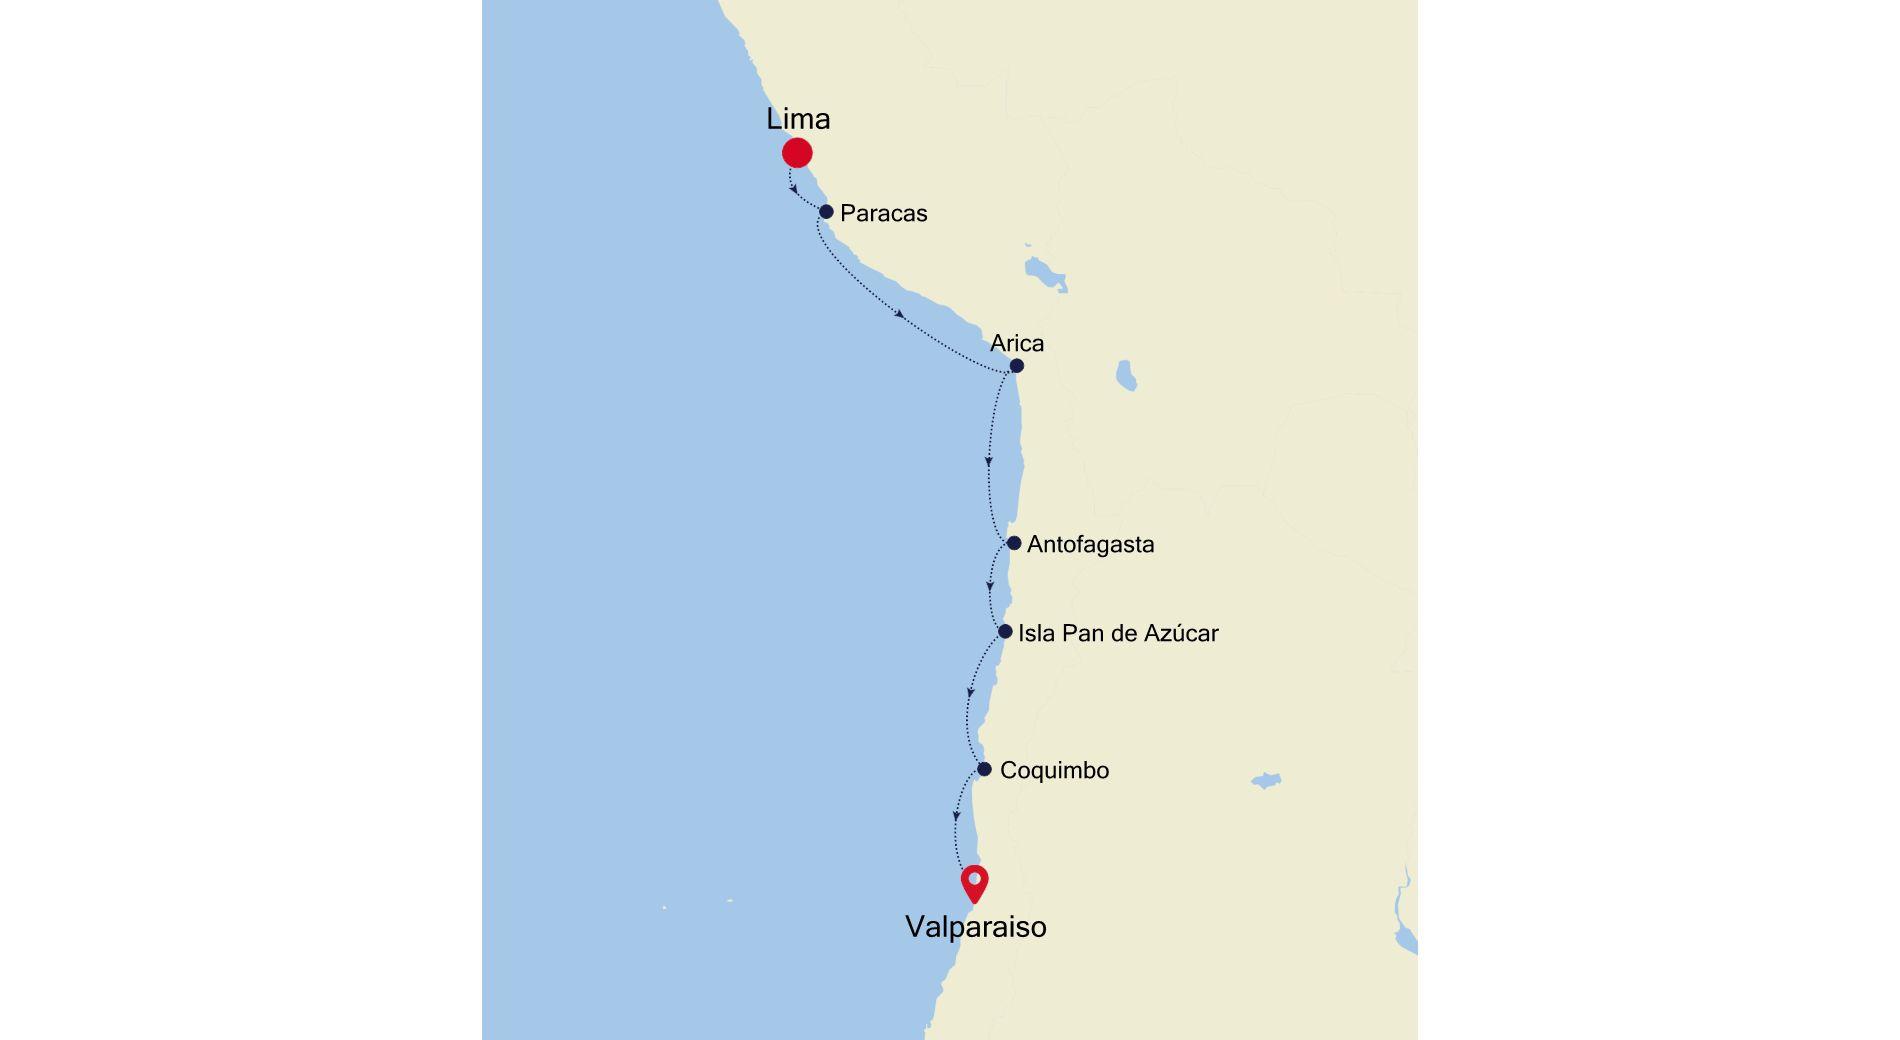 E4211028S08 - Lima a Valparaiso